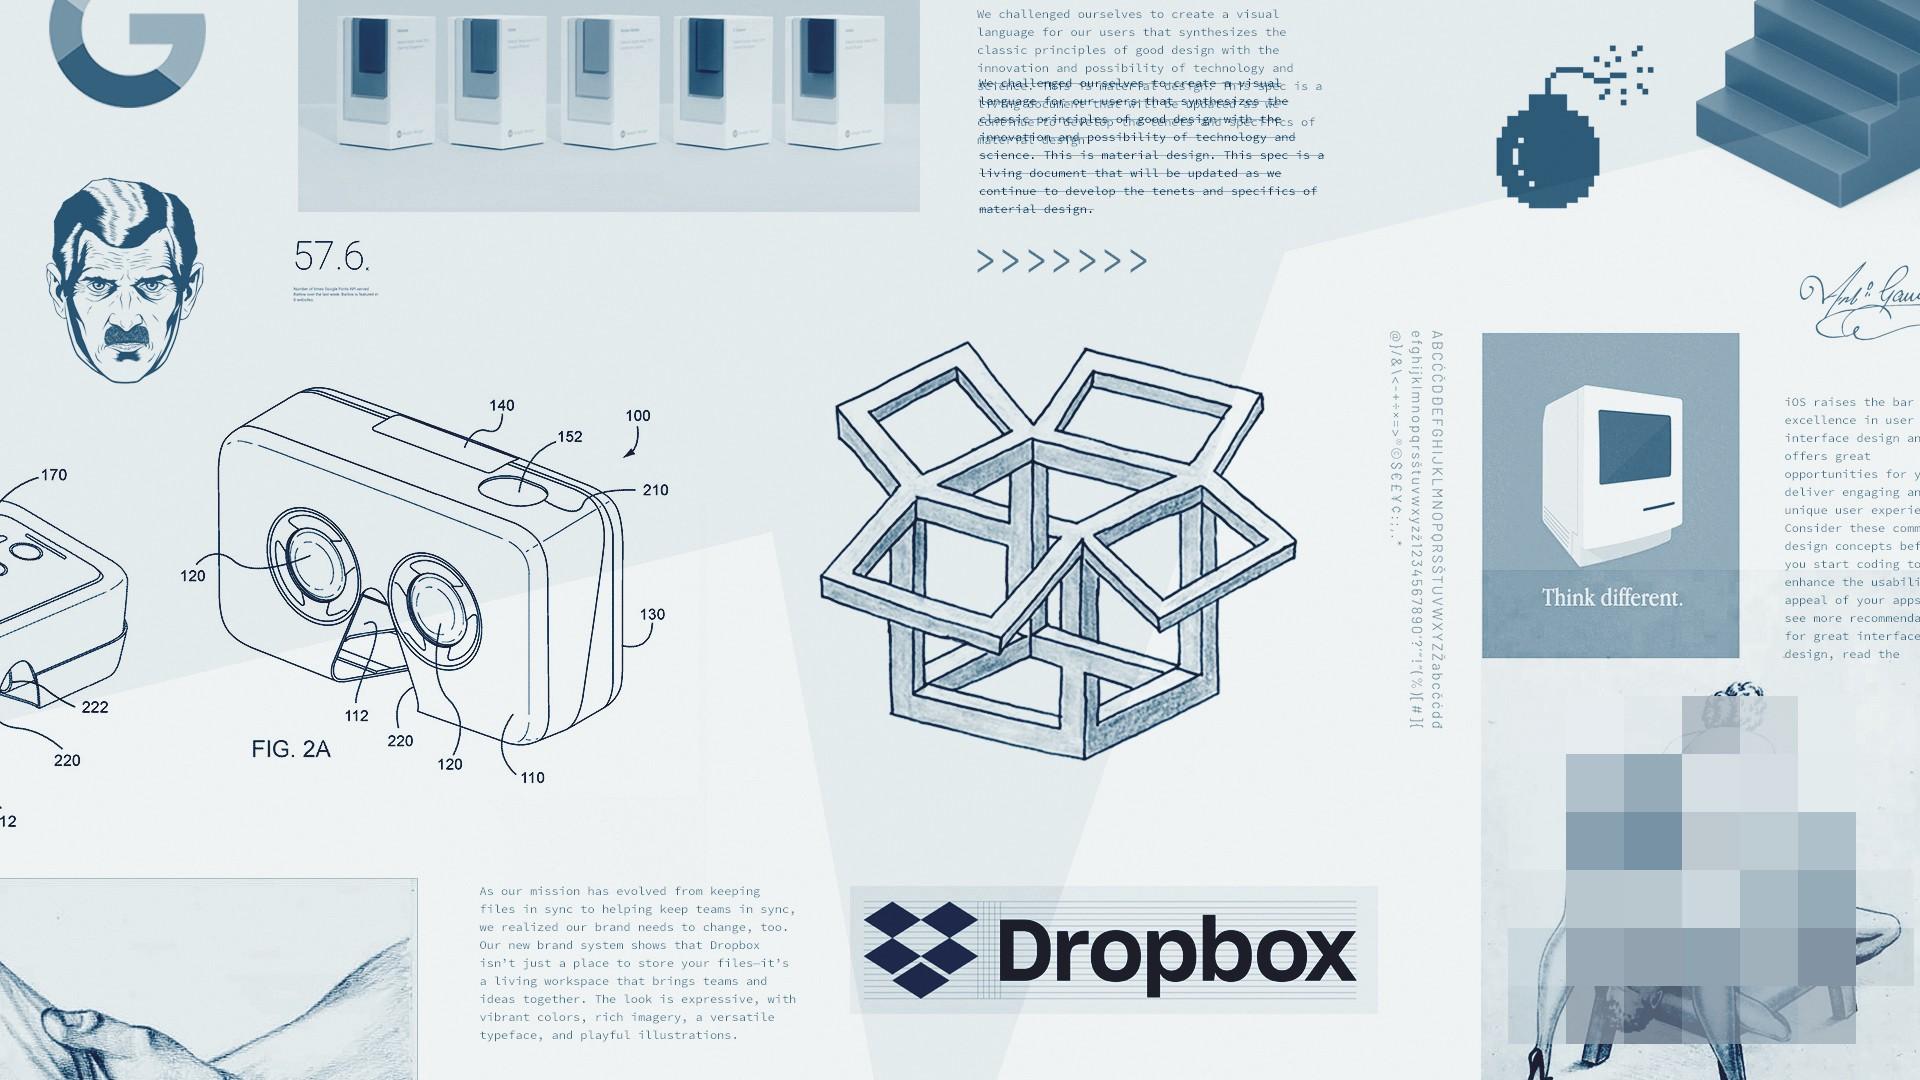 Diện mạo của Dropbox và chủ nghĩa Thô Mộc/Brutalism trong thiết kế web